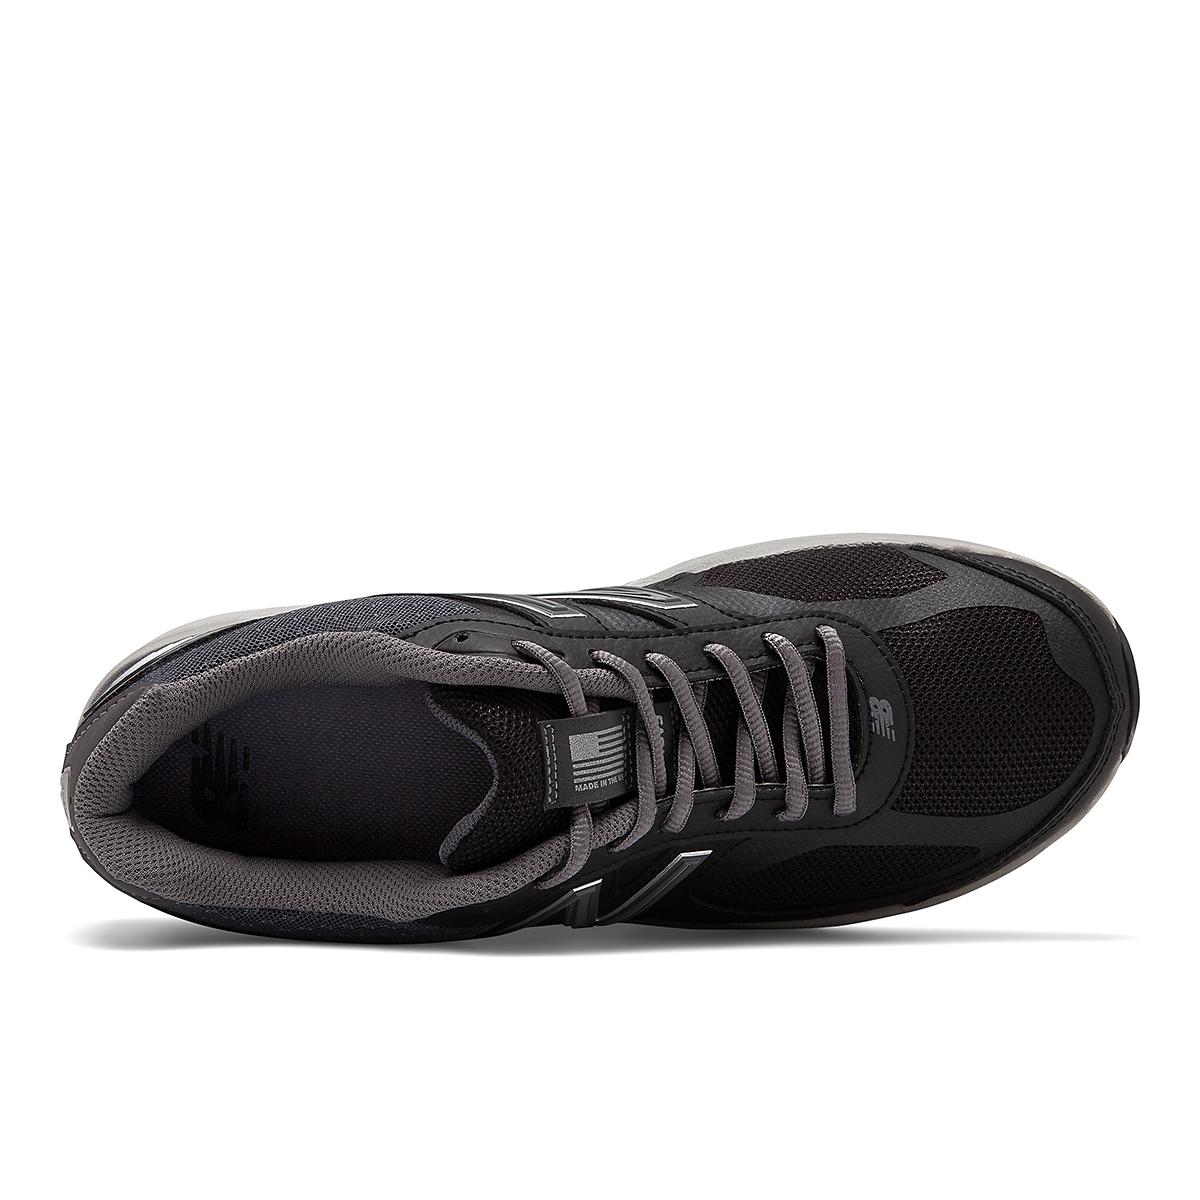 Men's New Balance 1540V3 Walking Shoe - Color: Black - Size: 7 - Width: Wide, Black, large, image 3